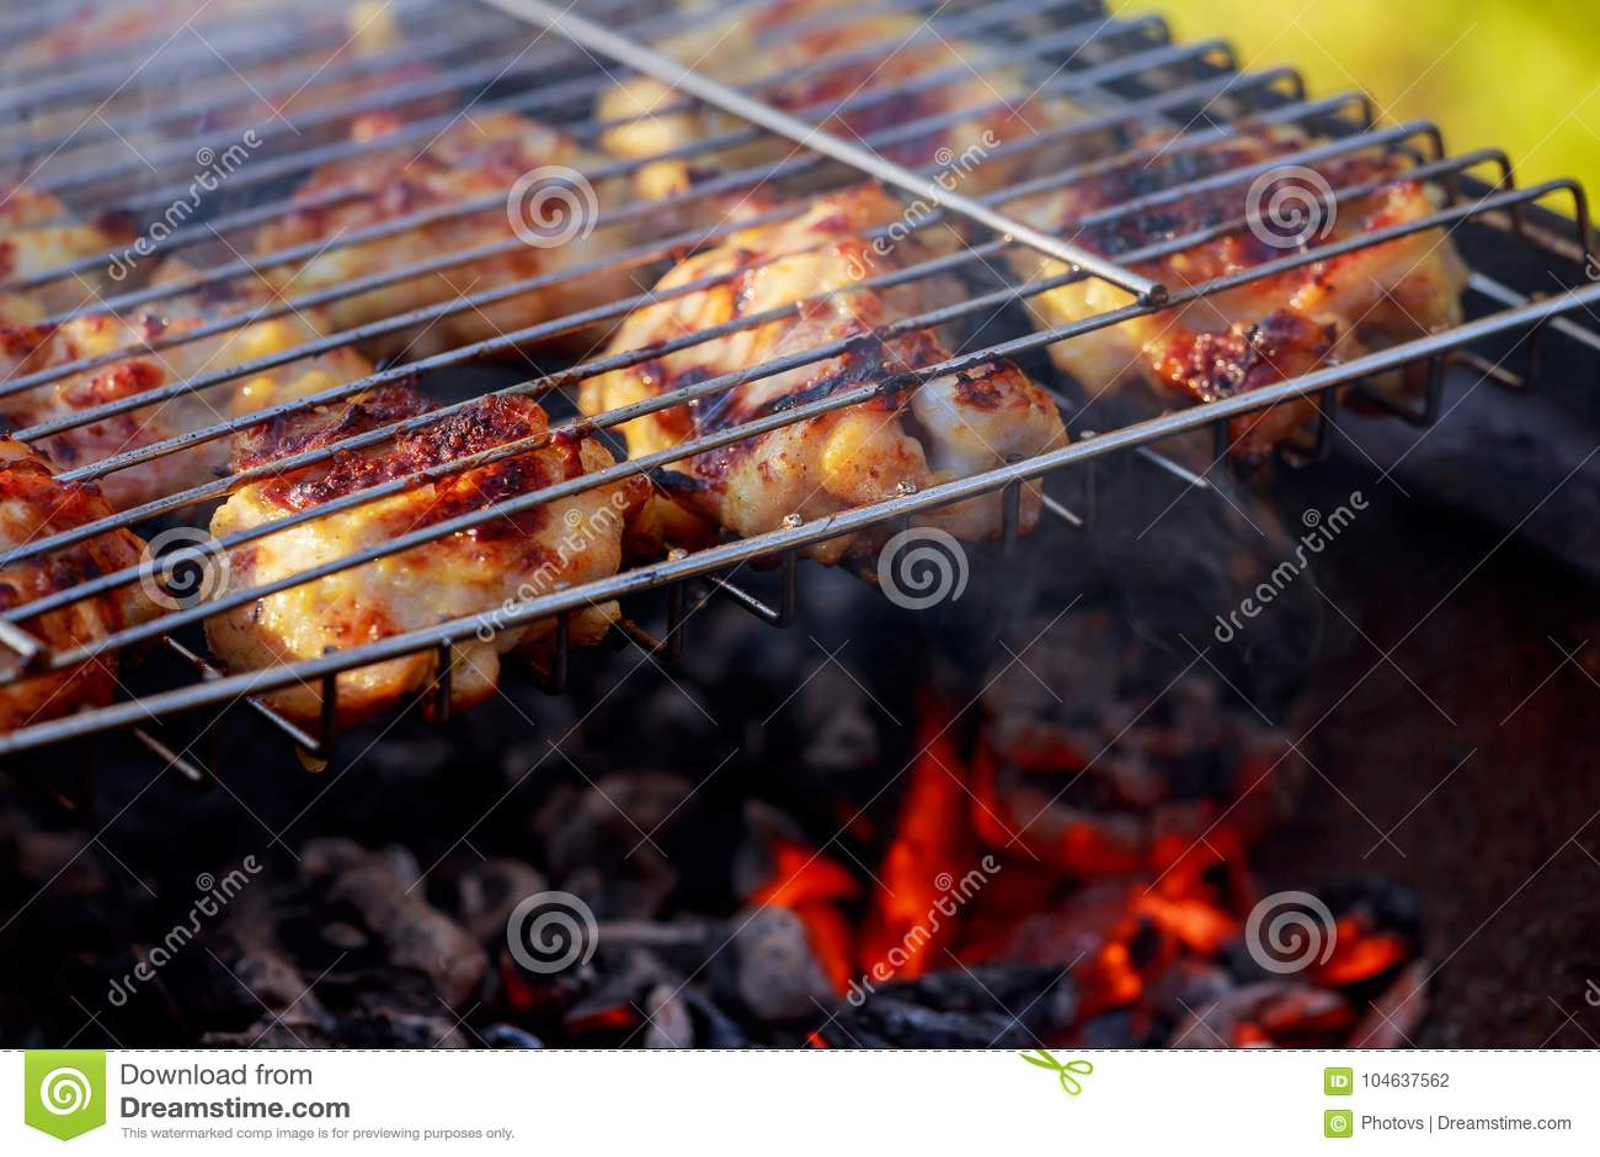 Download Geroosterd Kippenbeen Over Vlammen Op Een Barbecue Stock Foto - Afbeelding bestaande uit trommelstok, hitte: 104637562